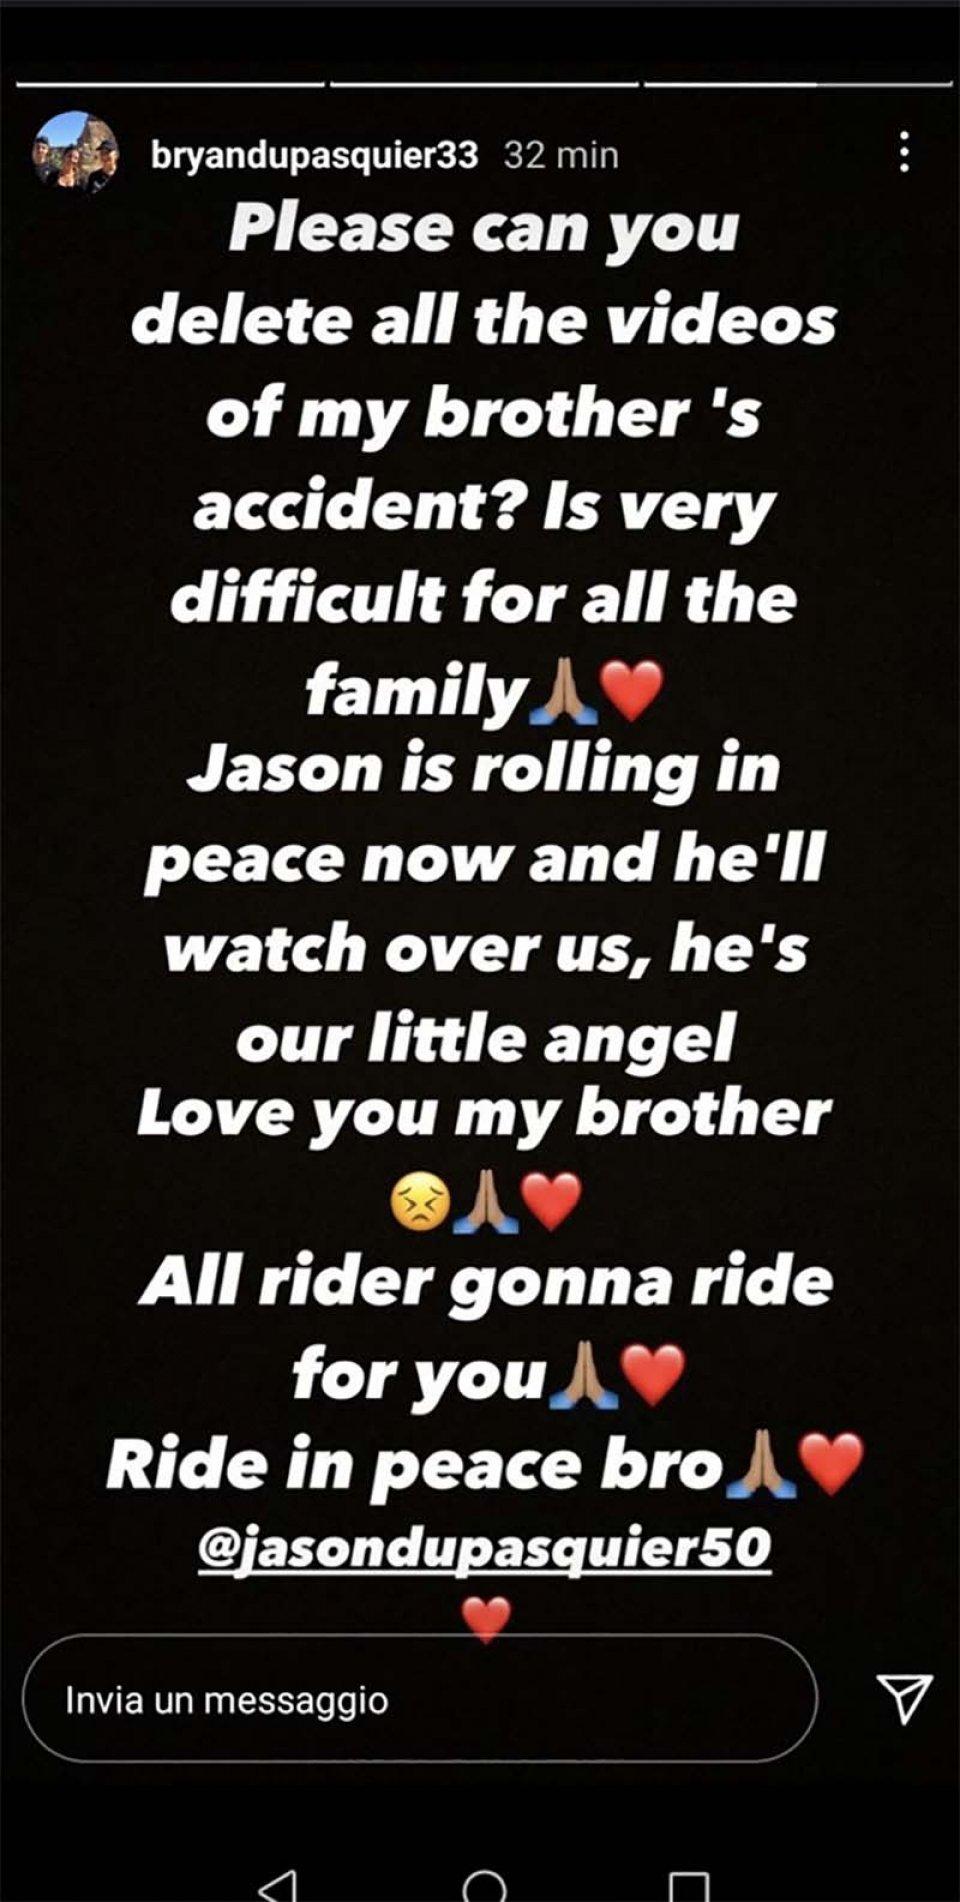 Moto3: Il fratello di Jason Dupasquier, Bryan, chiede la rimozione dei video dell'incidente